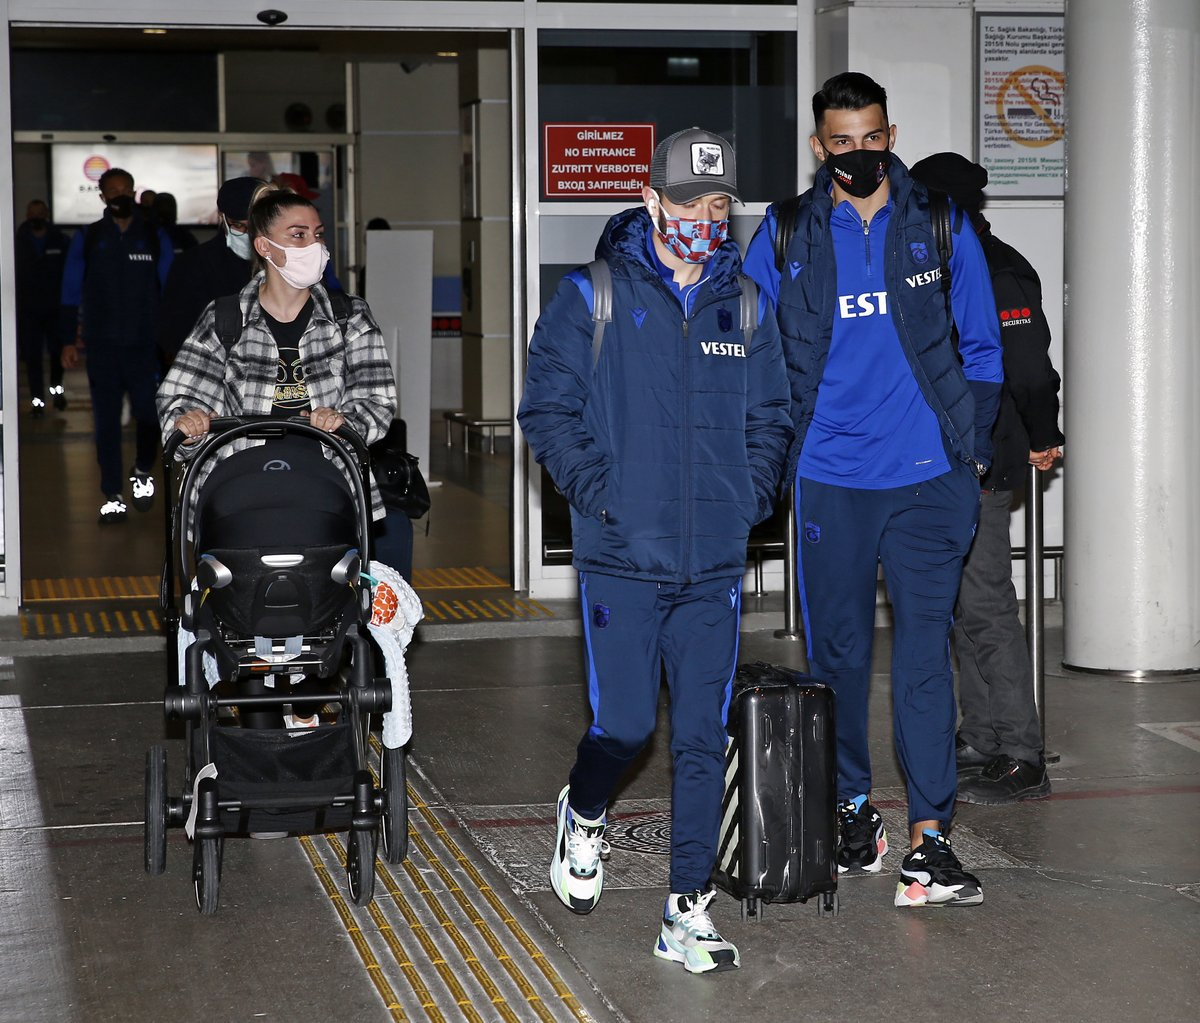 Süper Lig'in 19. haftasında deplasmanda Antalyaspor ile karşılaşacak olan takımımız Türk Havayolları'na ait özel bir uçakla Antalya'ya gitti.   Detaylar👉